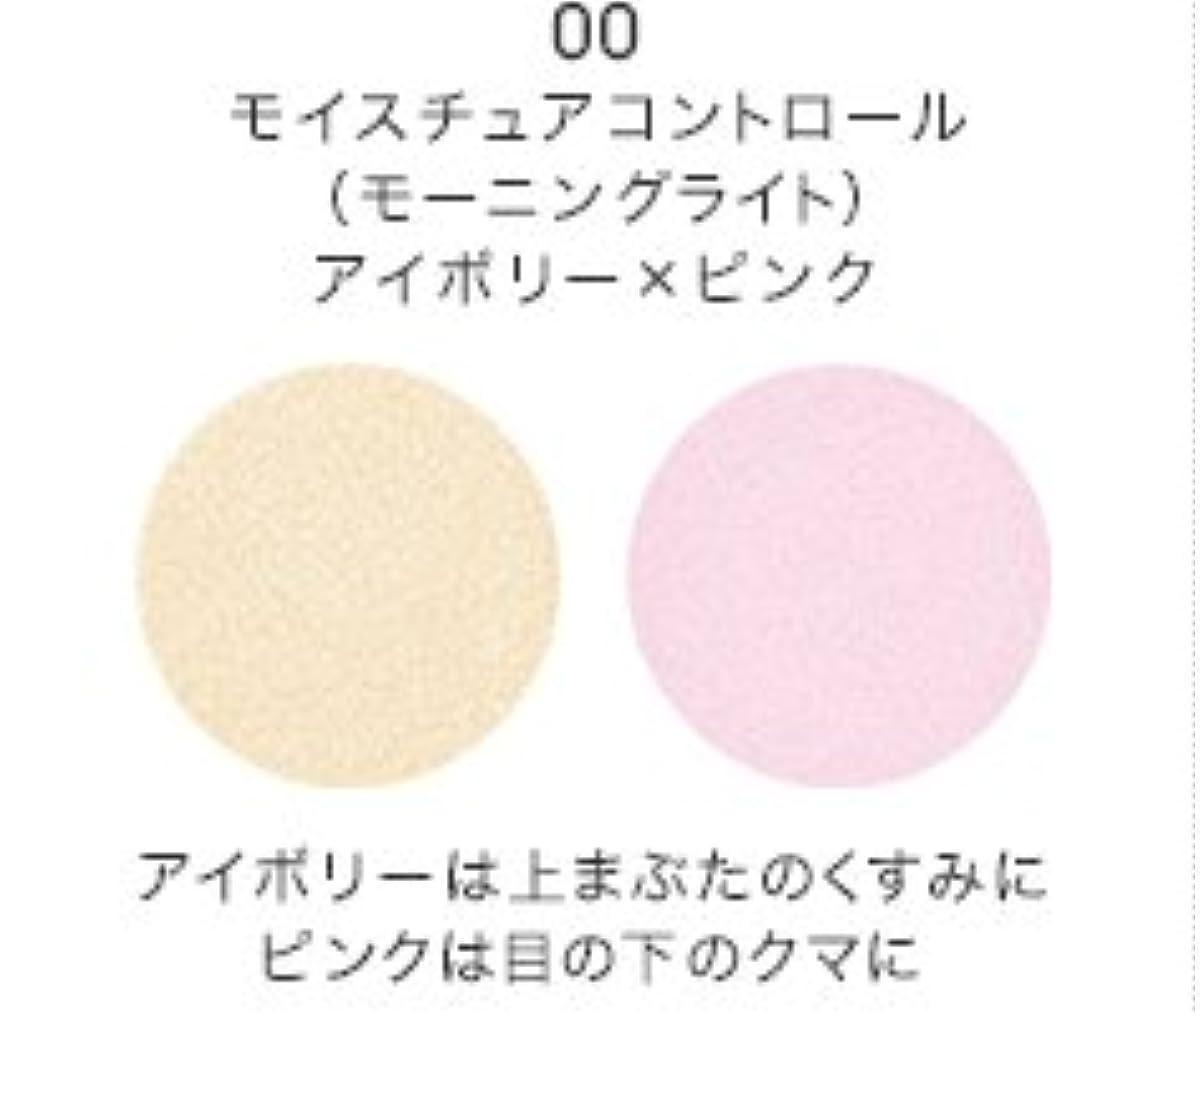 演劇同化ソブリケット【MiMC】ビオモイスチュアシャドー (00 モイスチュアコントロール(モーニングライト))